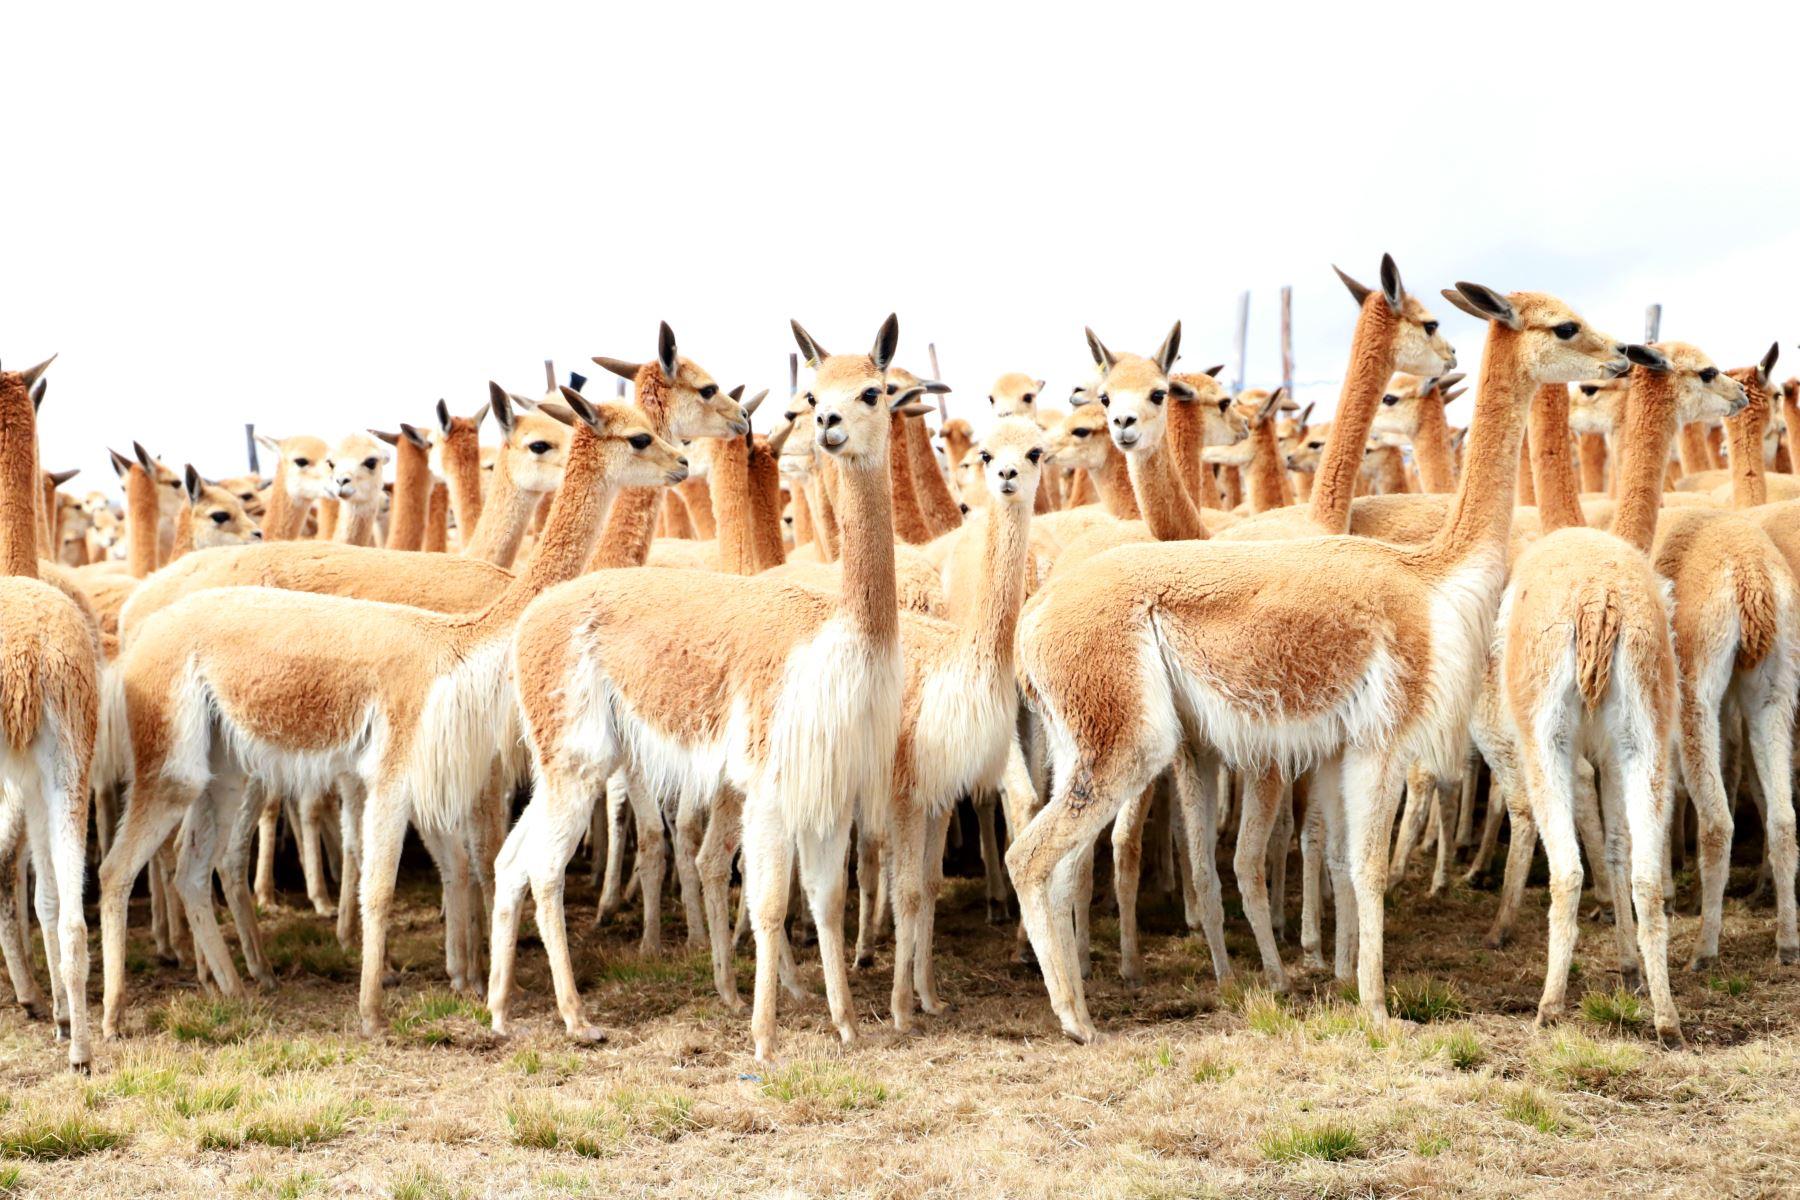 El Serfor propuso una hoja de ruta para mejorar el aprovechamiento sostenible de la vicuña en el Perú.